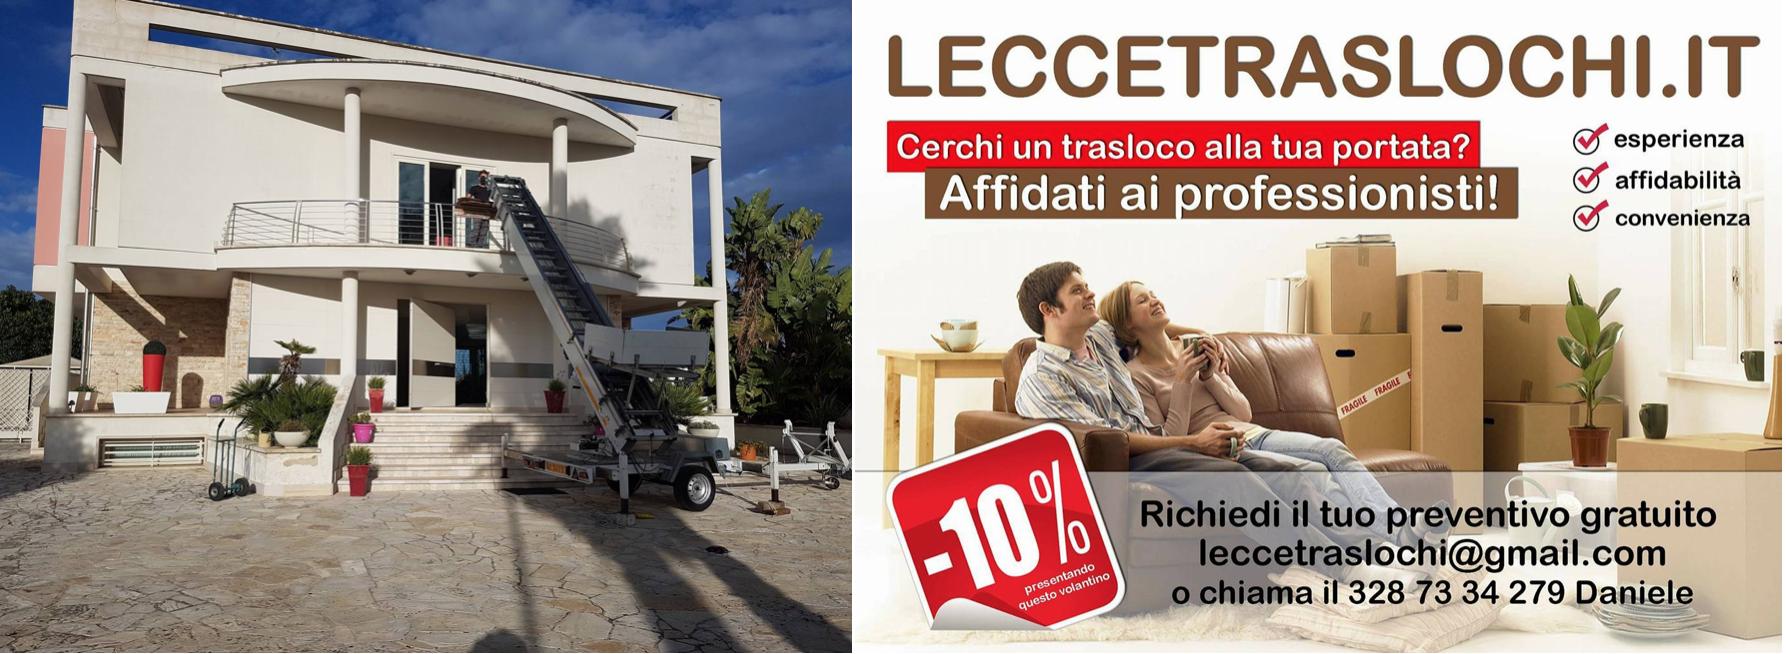 Traslocare-trainare-trasportare-Lecce